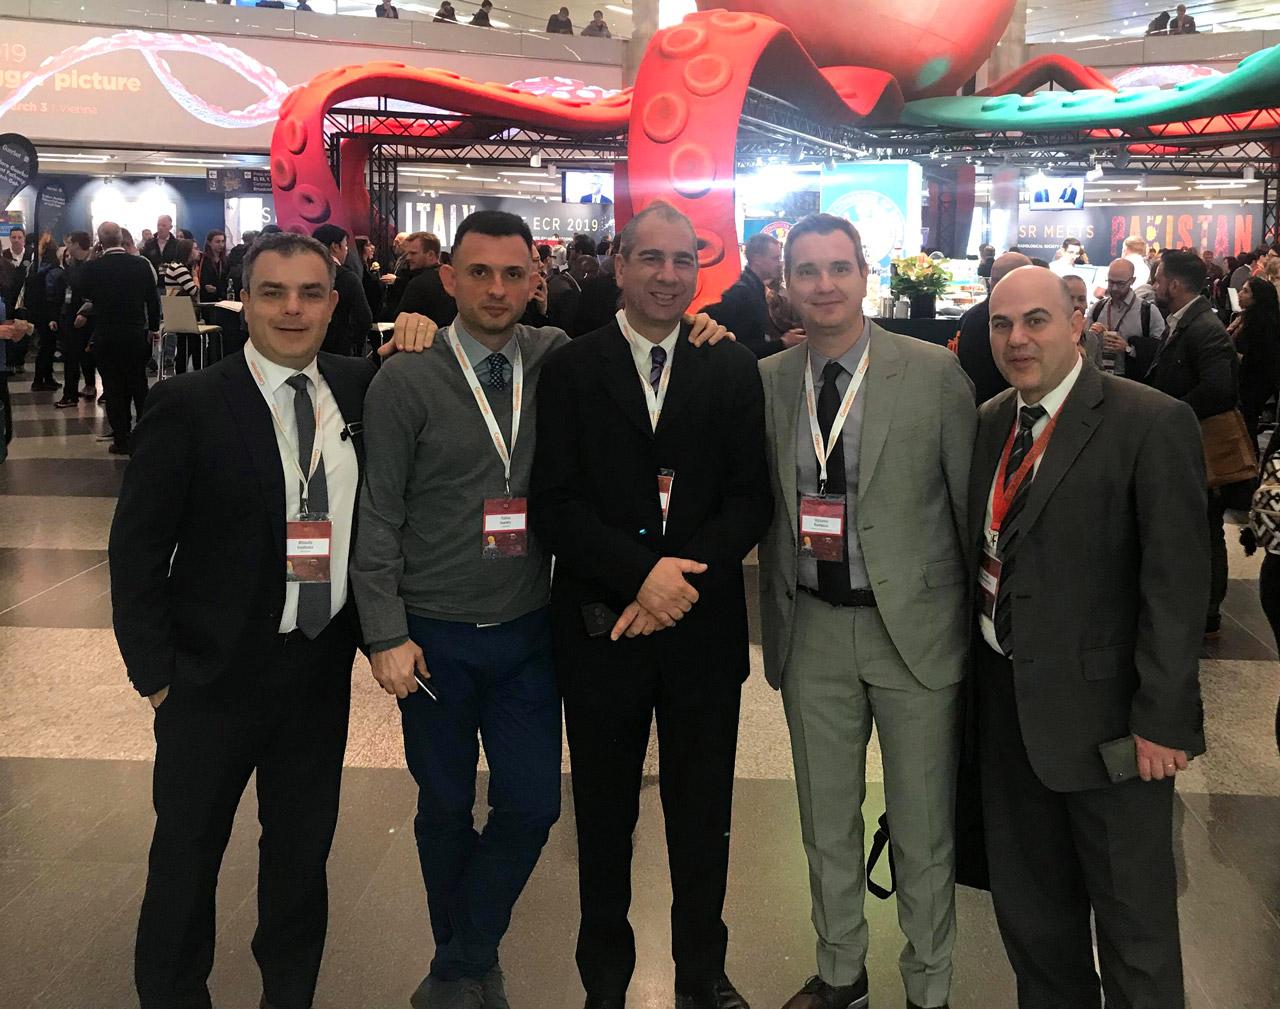 Η Medical Systems στο ECR 2019 στη Βιέννη, με στενούς συνεργάτες από την εταιρεία Iasis Technologies